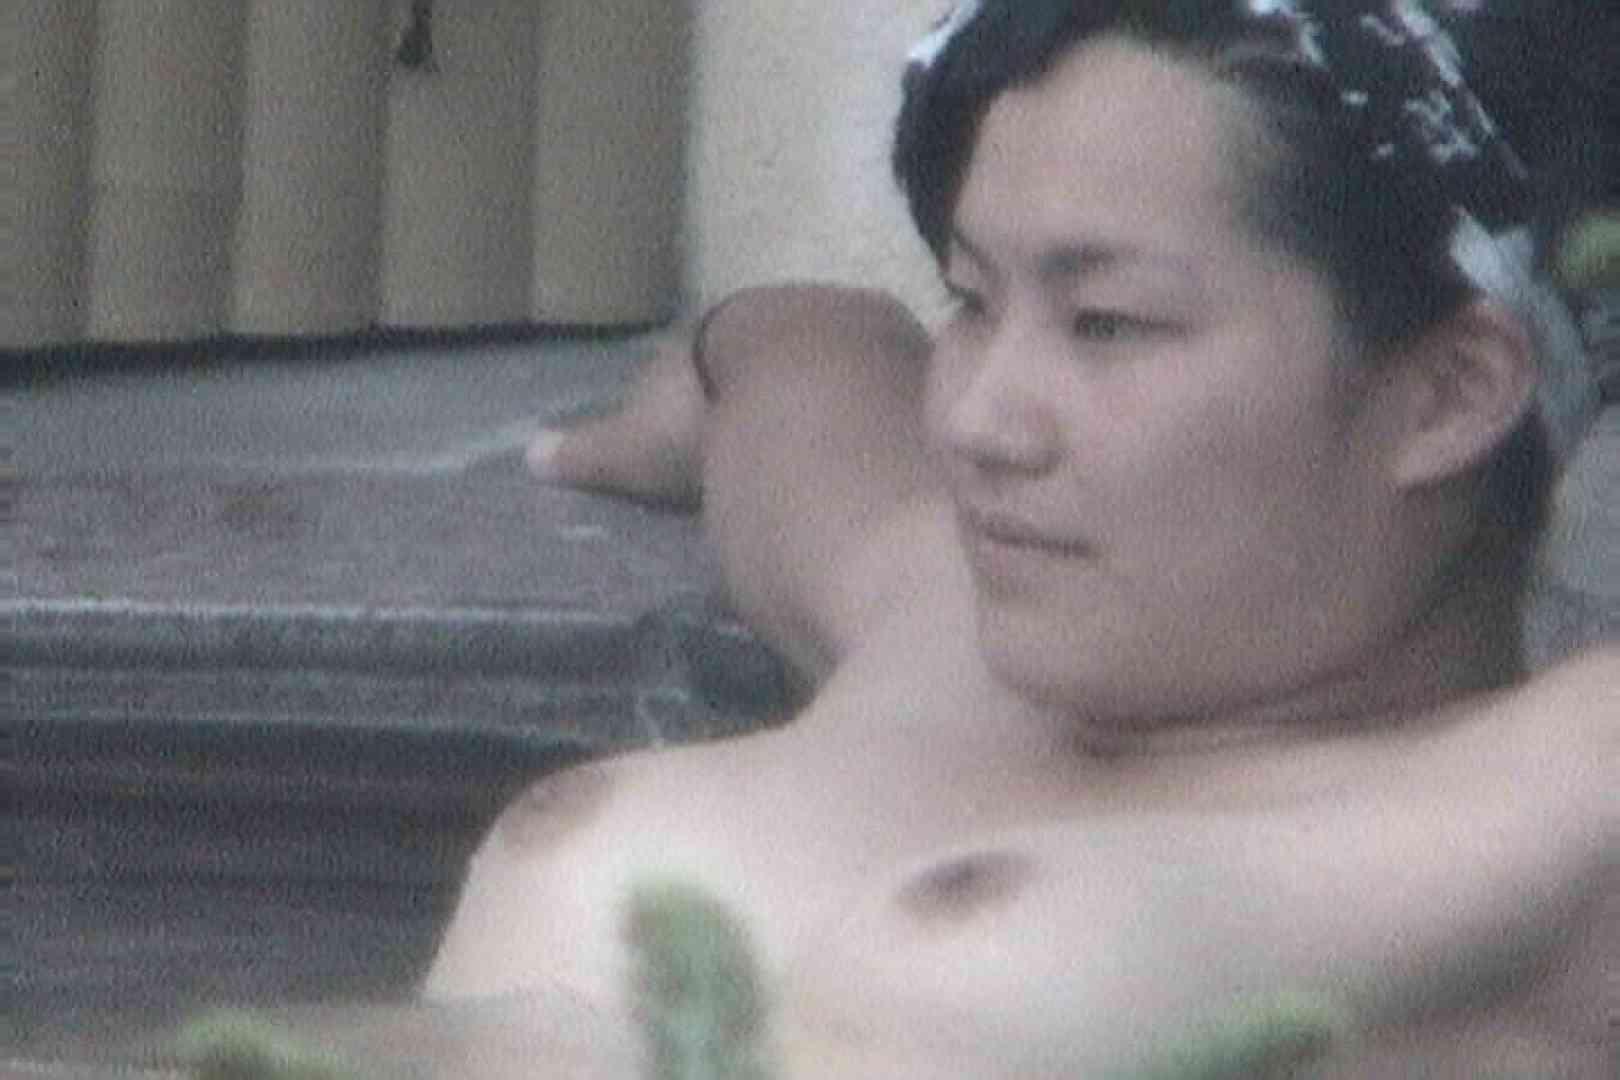 Aquaな露天風呂Vol.103 美しいOLの裸体 | 盗撮師作品  85pic 7